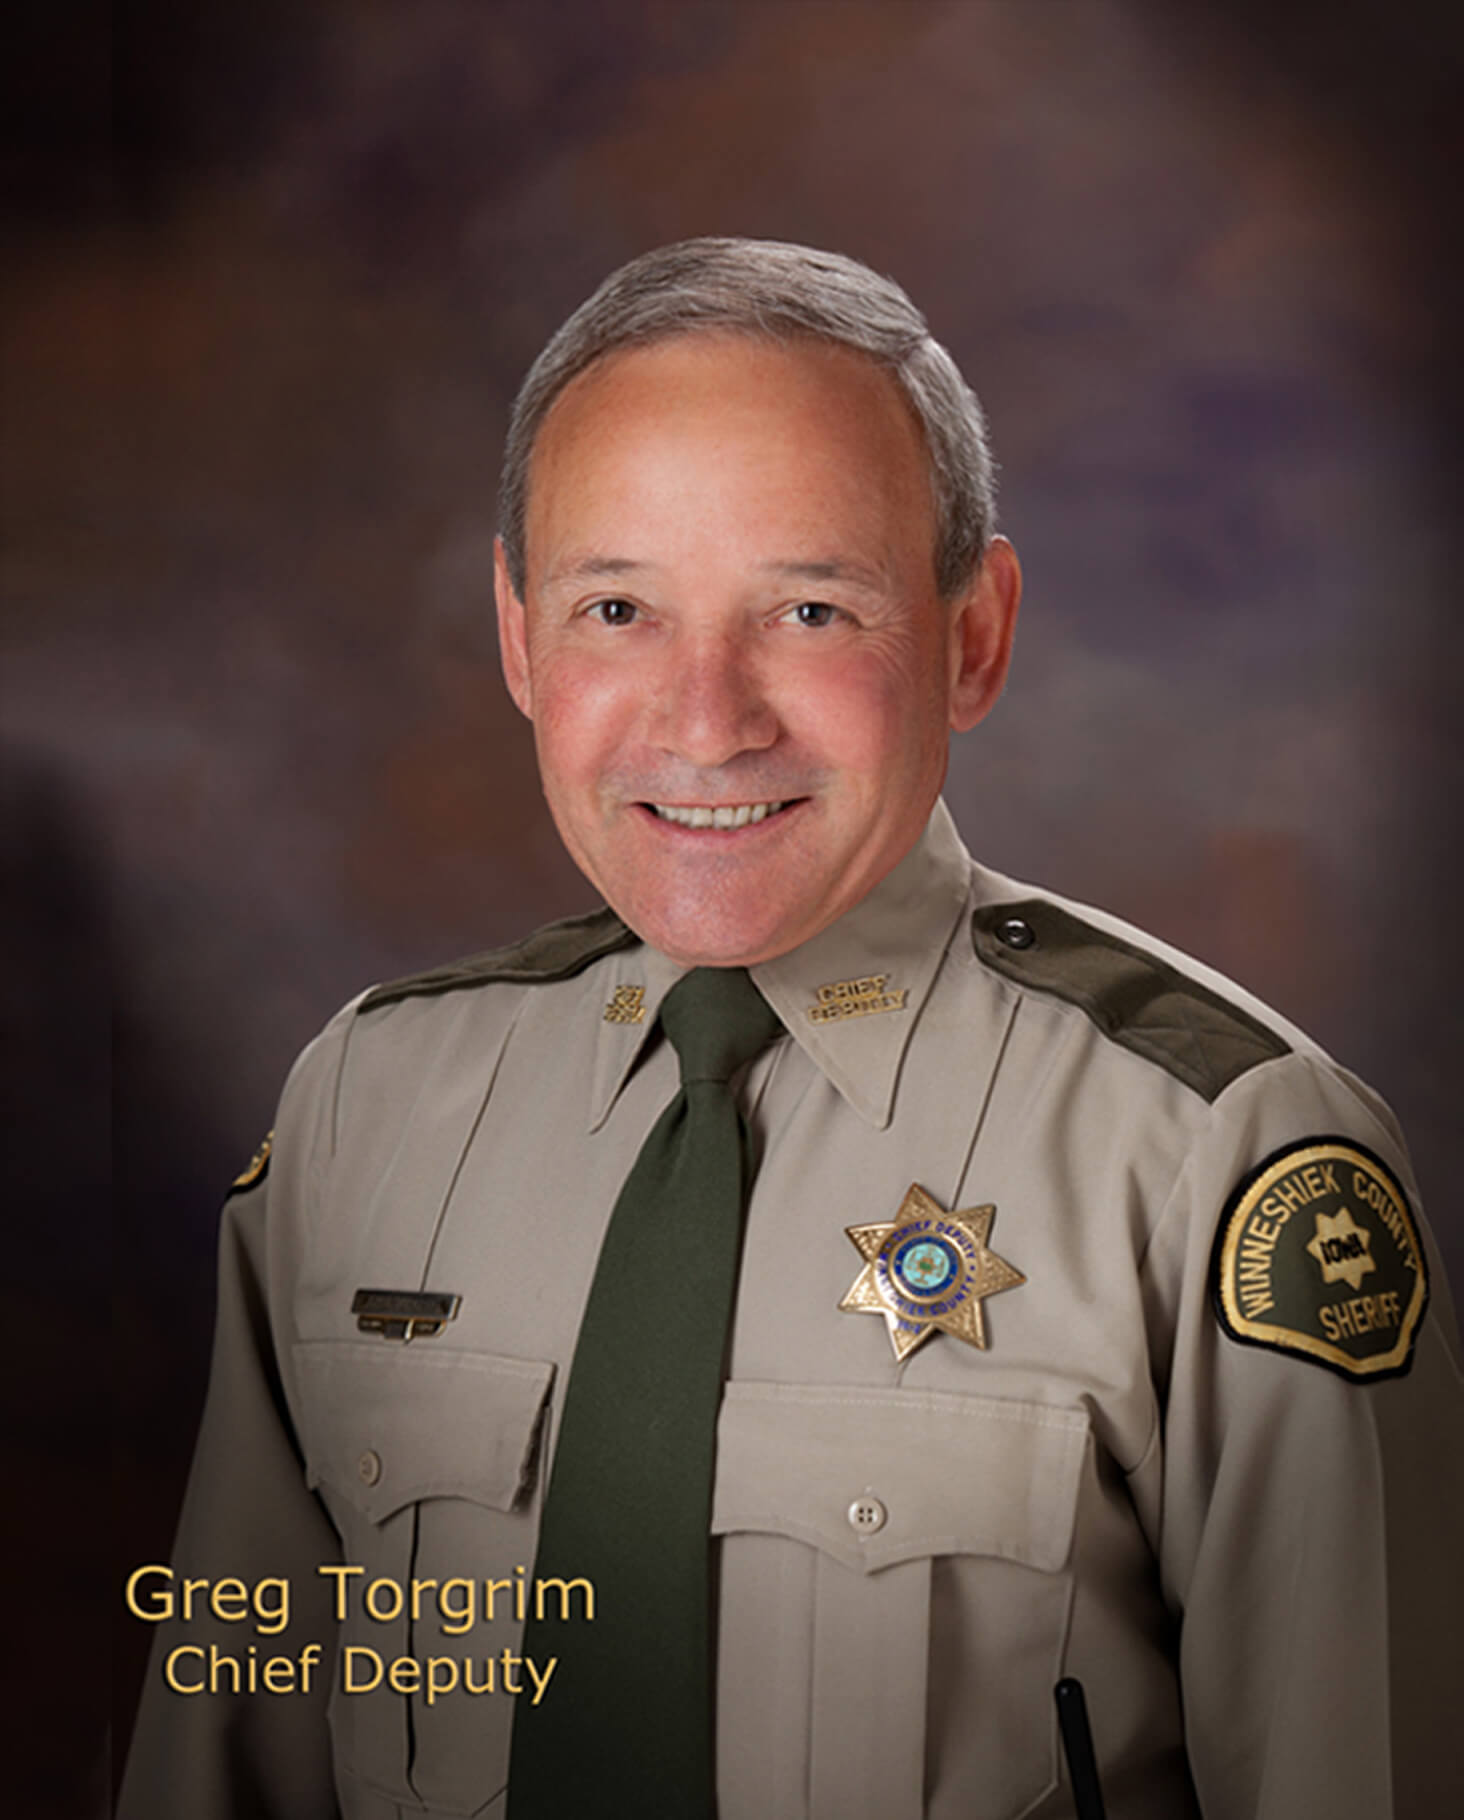 Greg Torgrim, Chief Deputy